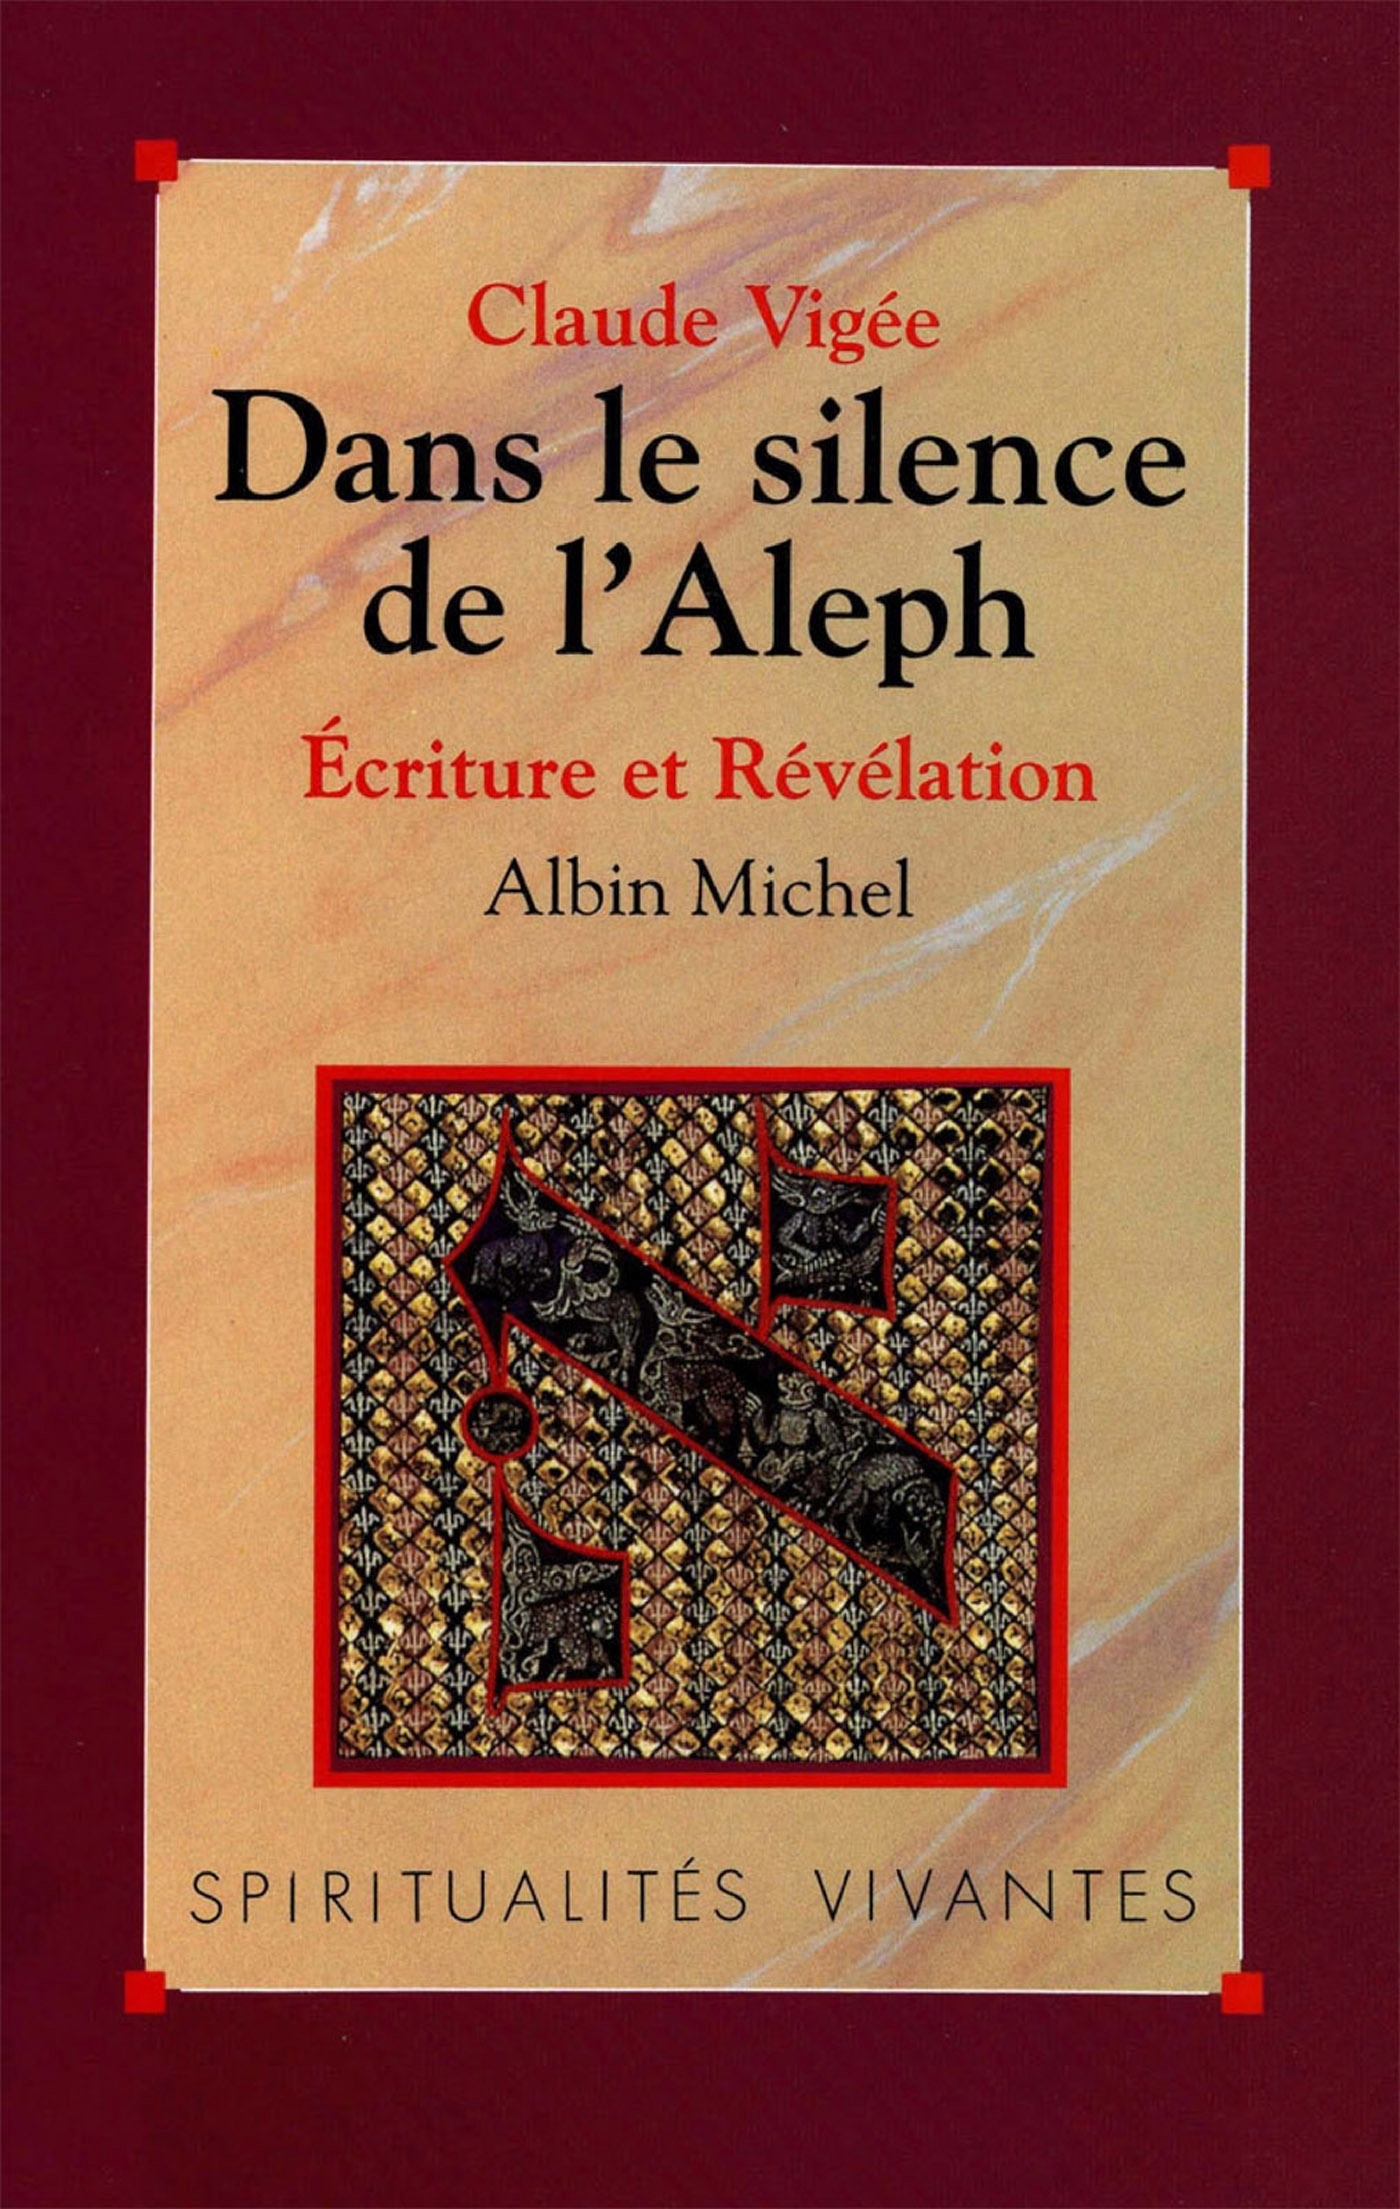 DANS LE SILENCE DE L'ALEPH - ECRITURE ET REVELATION